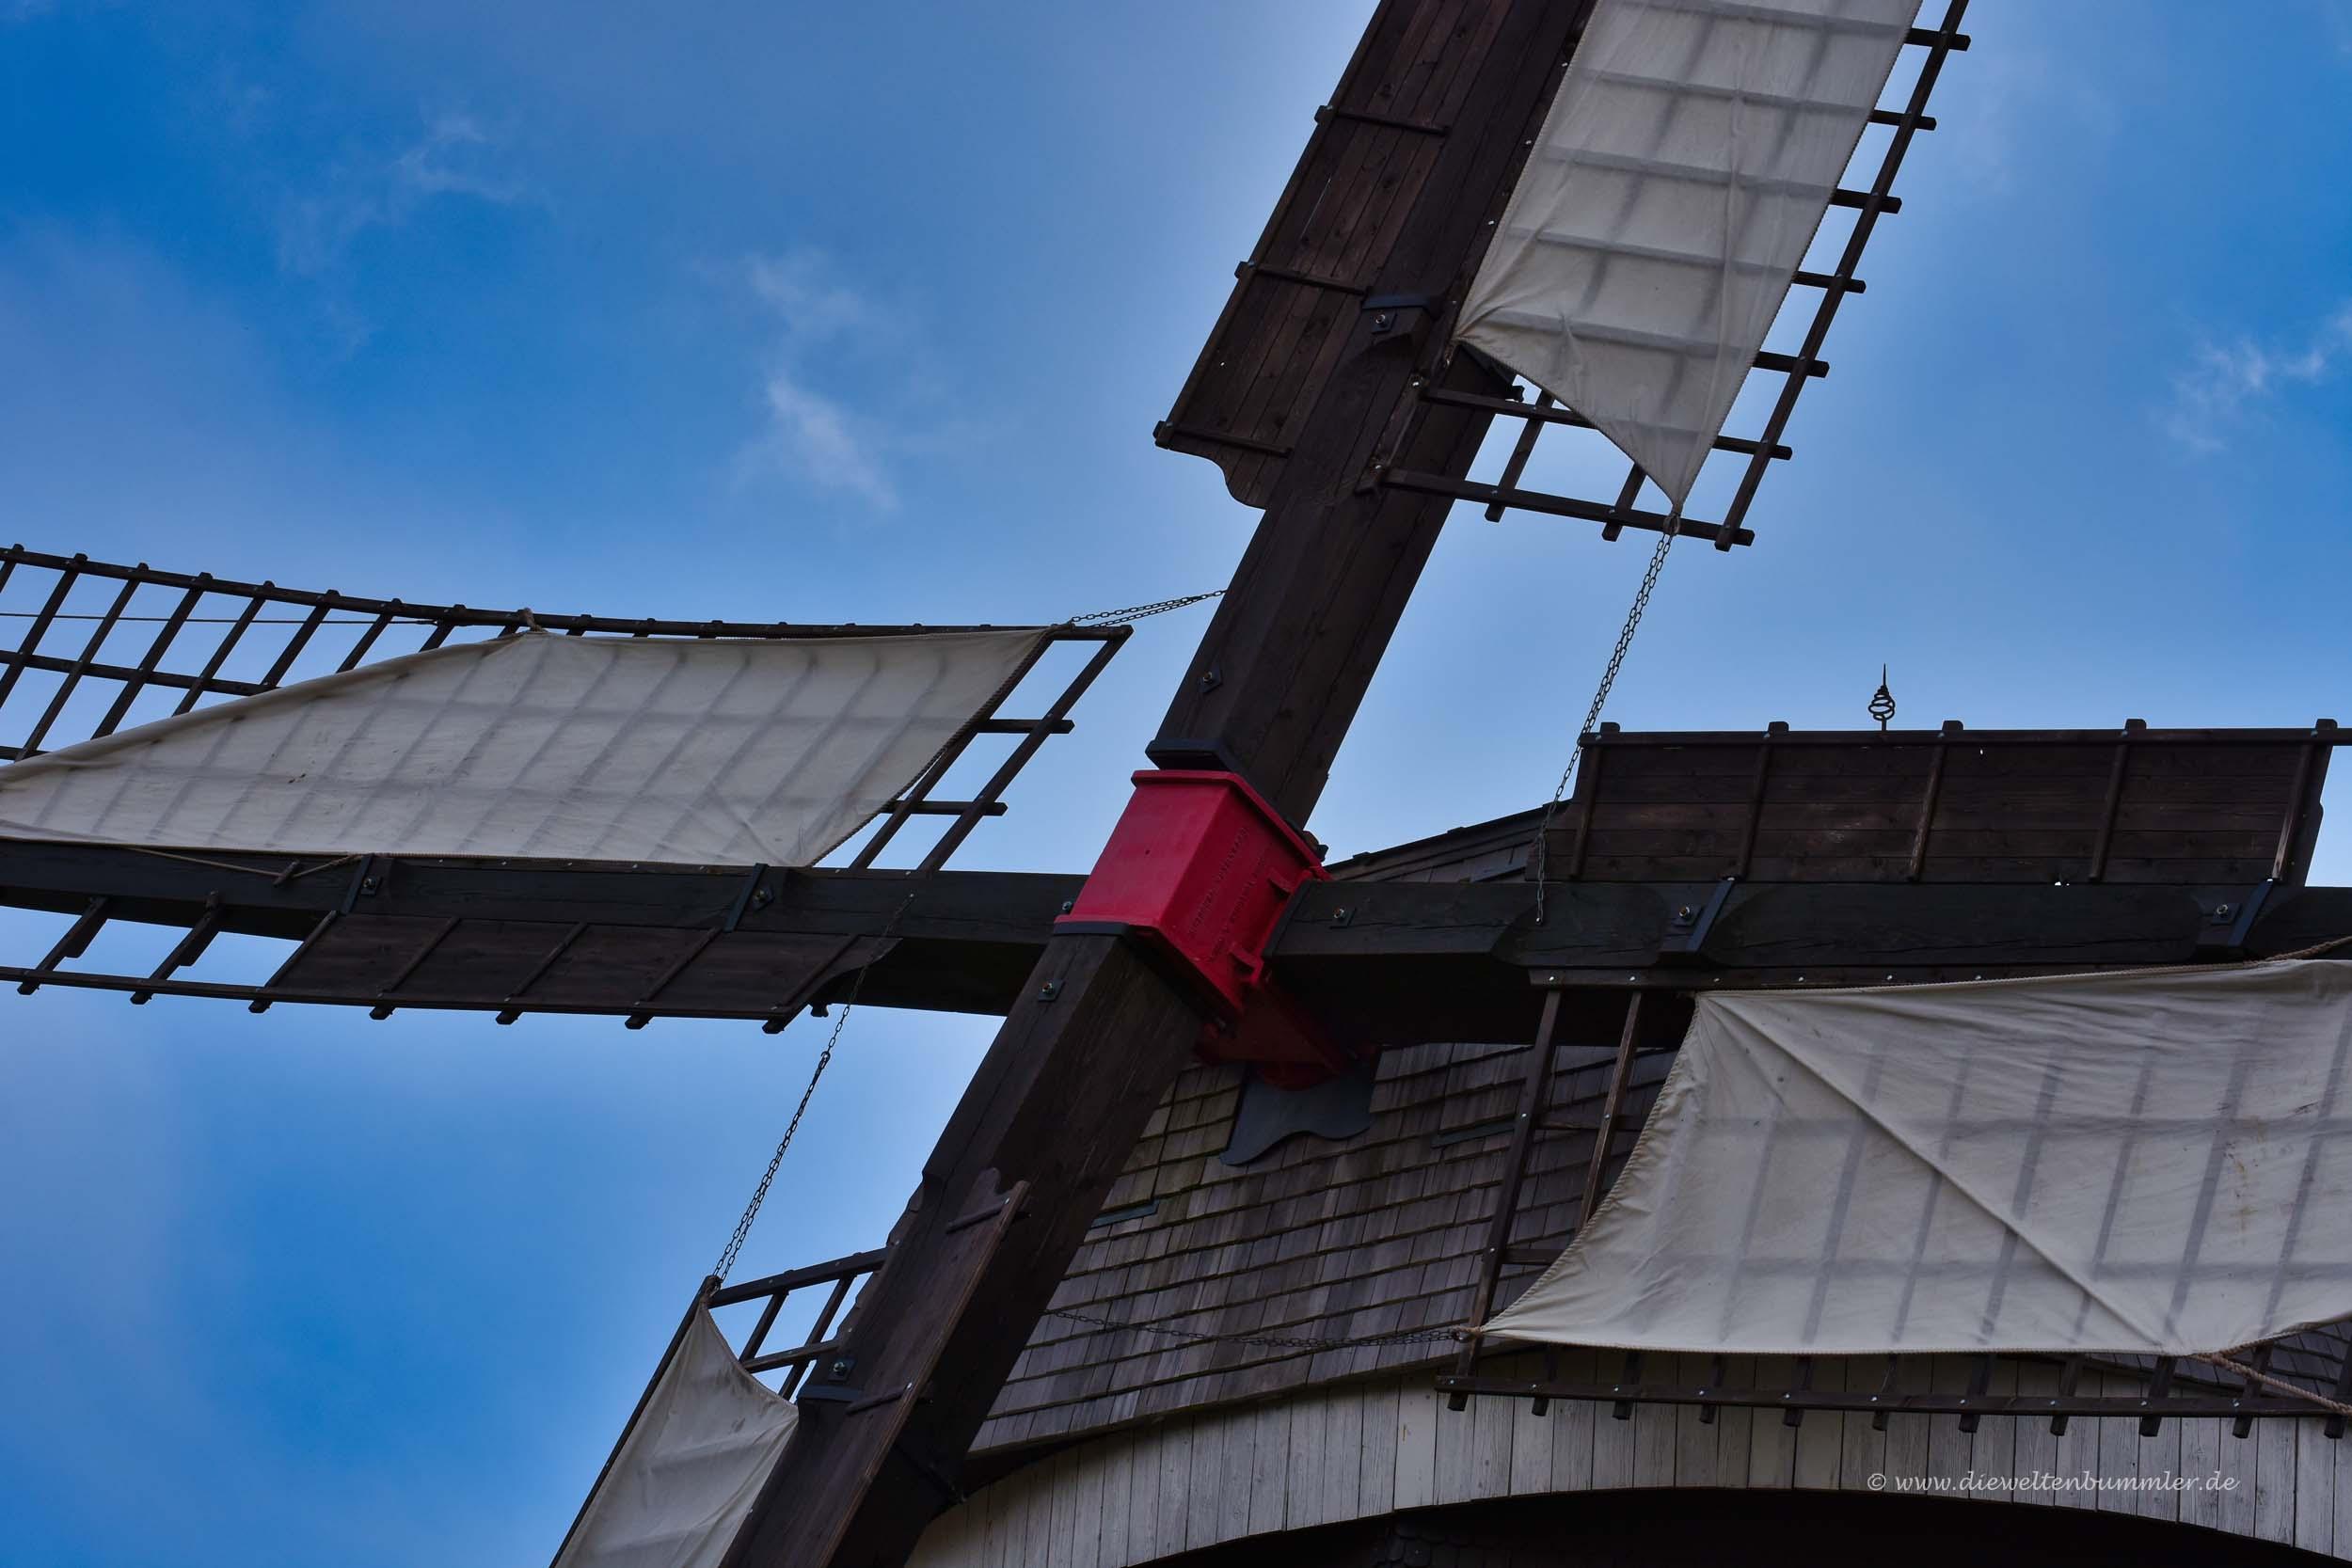 Windmühle in Woldegk